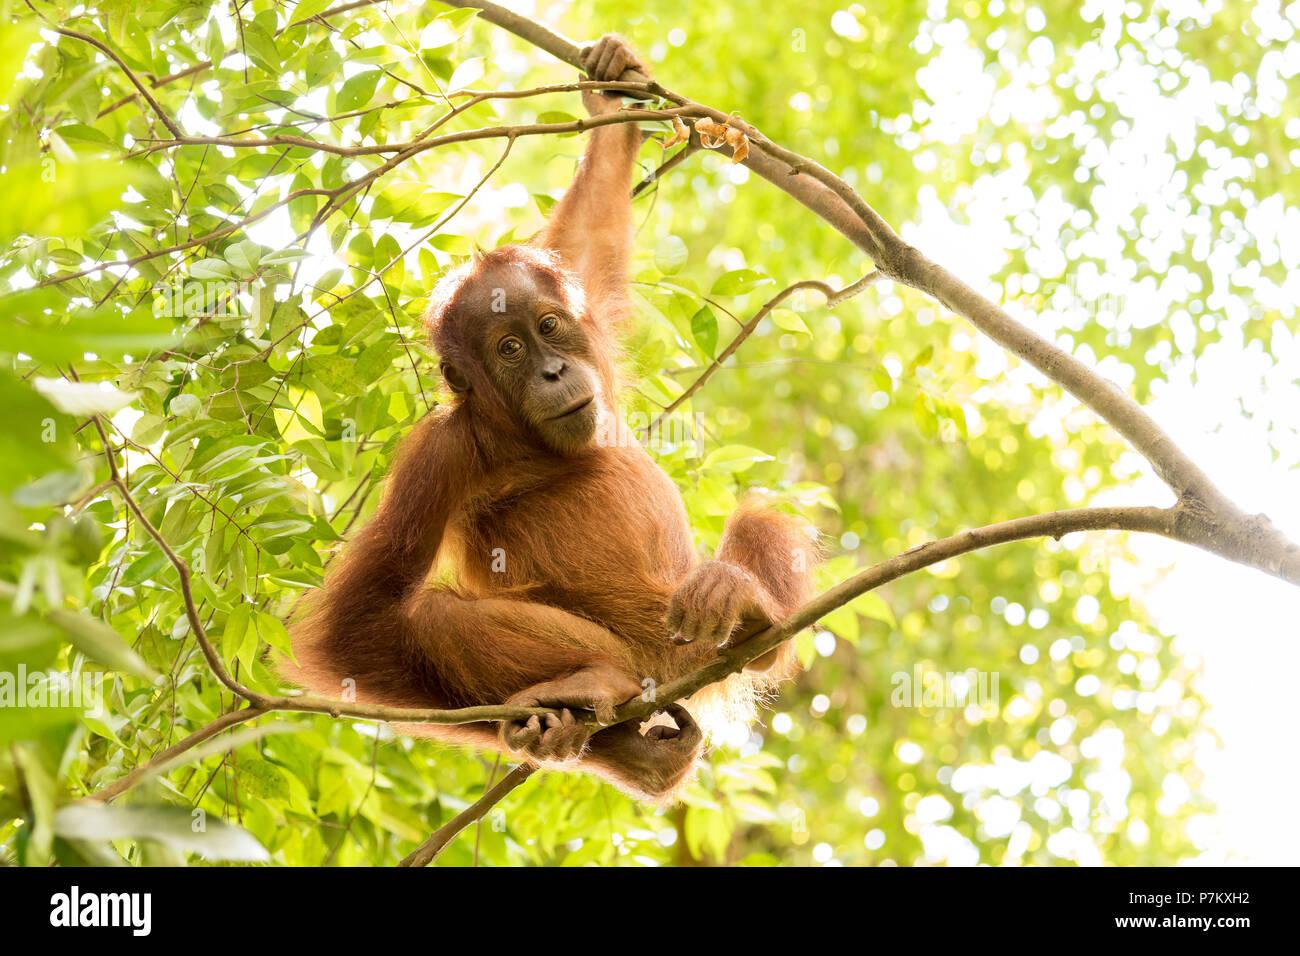 Junge Orang-utan im Dschungel, sitzen auf dünnen Zweigen und schauen entspannt in die Kamera, Stockbild